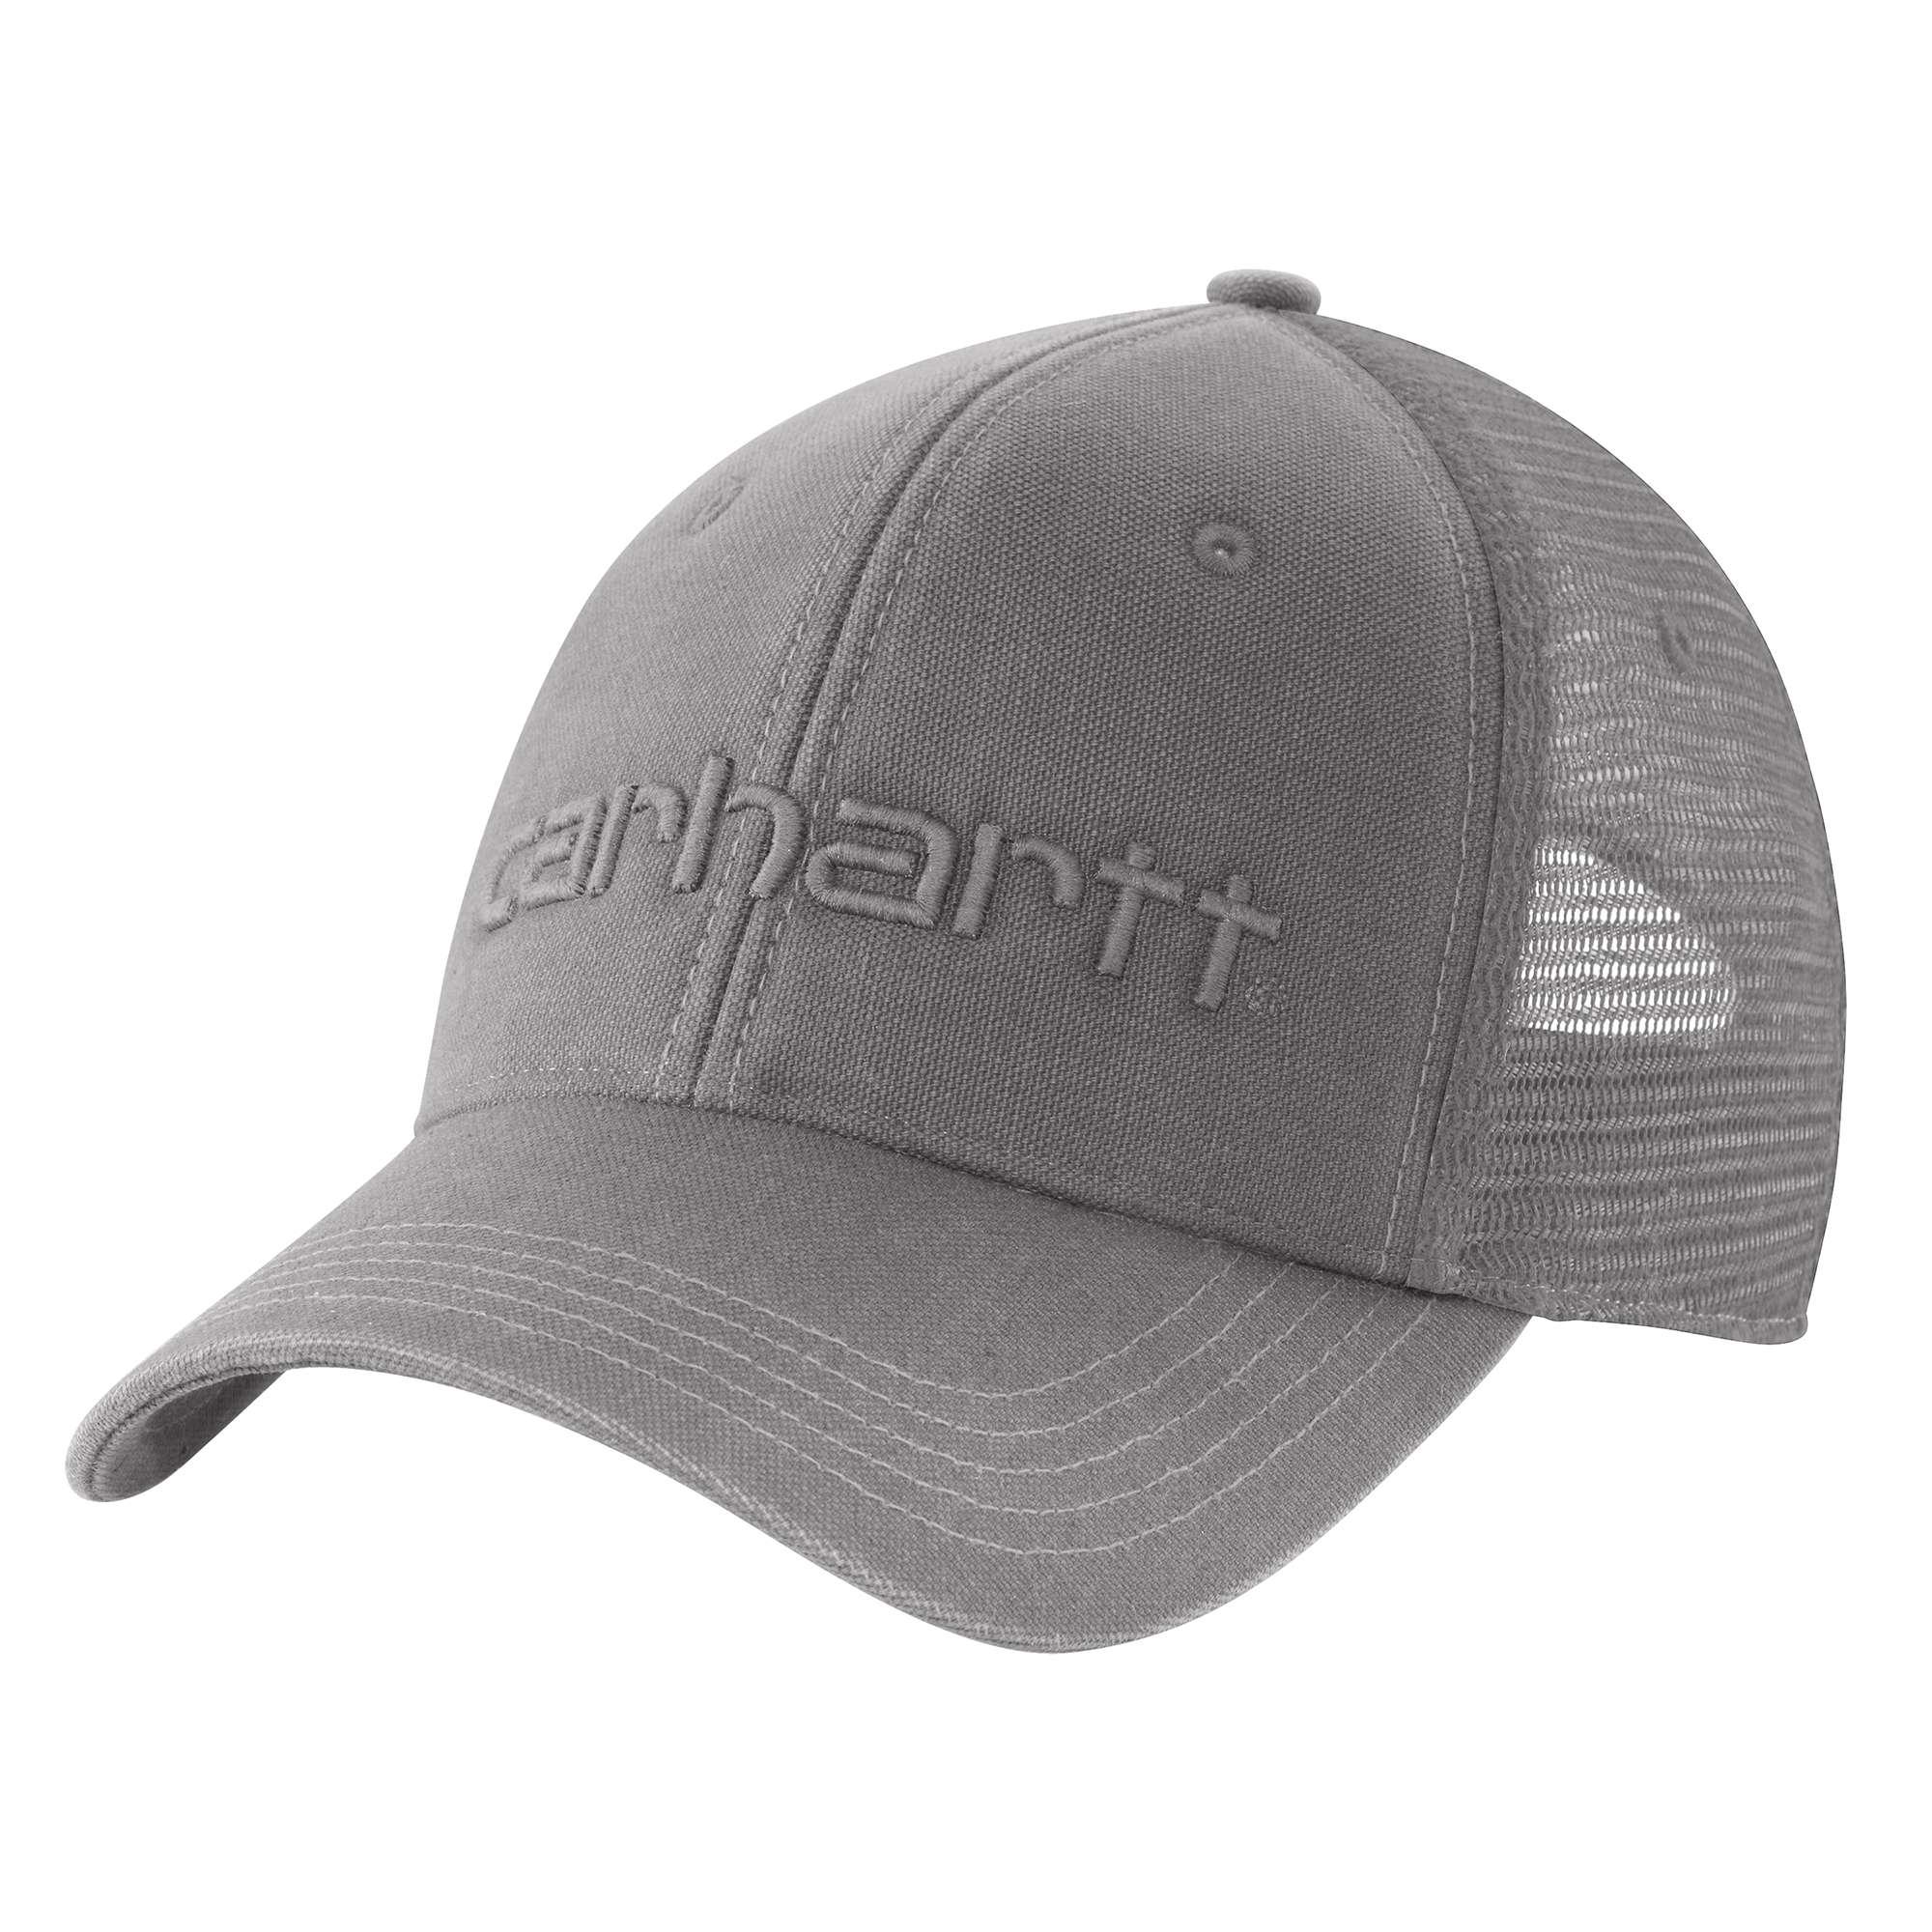 Dunmore Cap, Gray/Brown, swatch